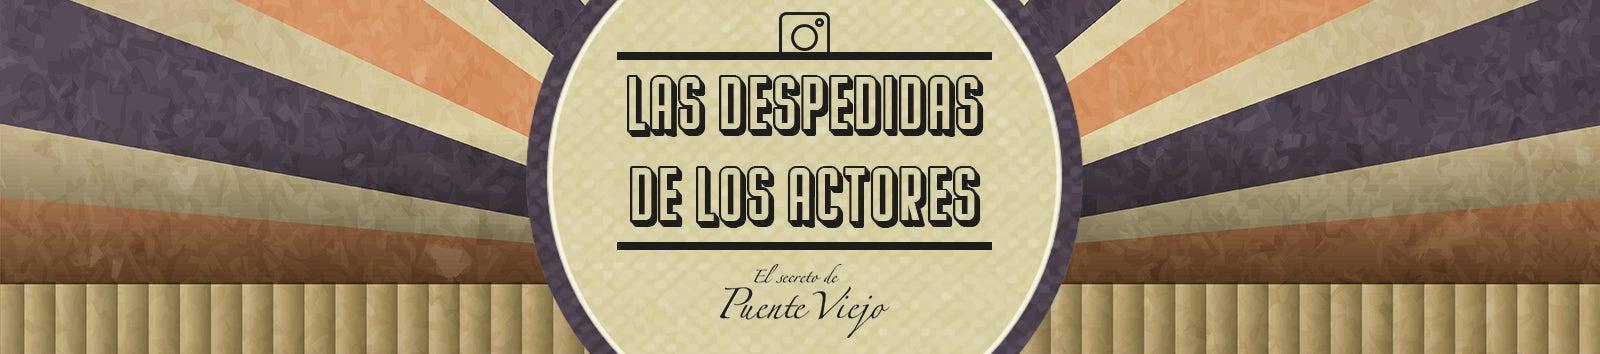 Despedida Actores Puente Viejo